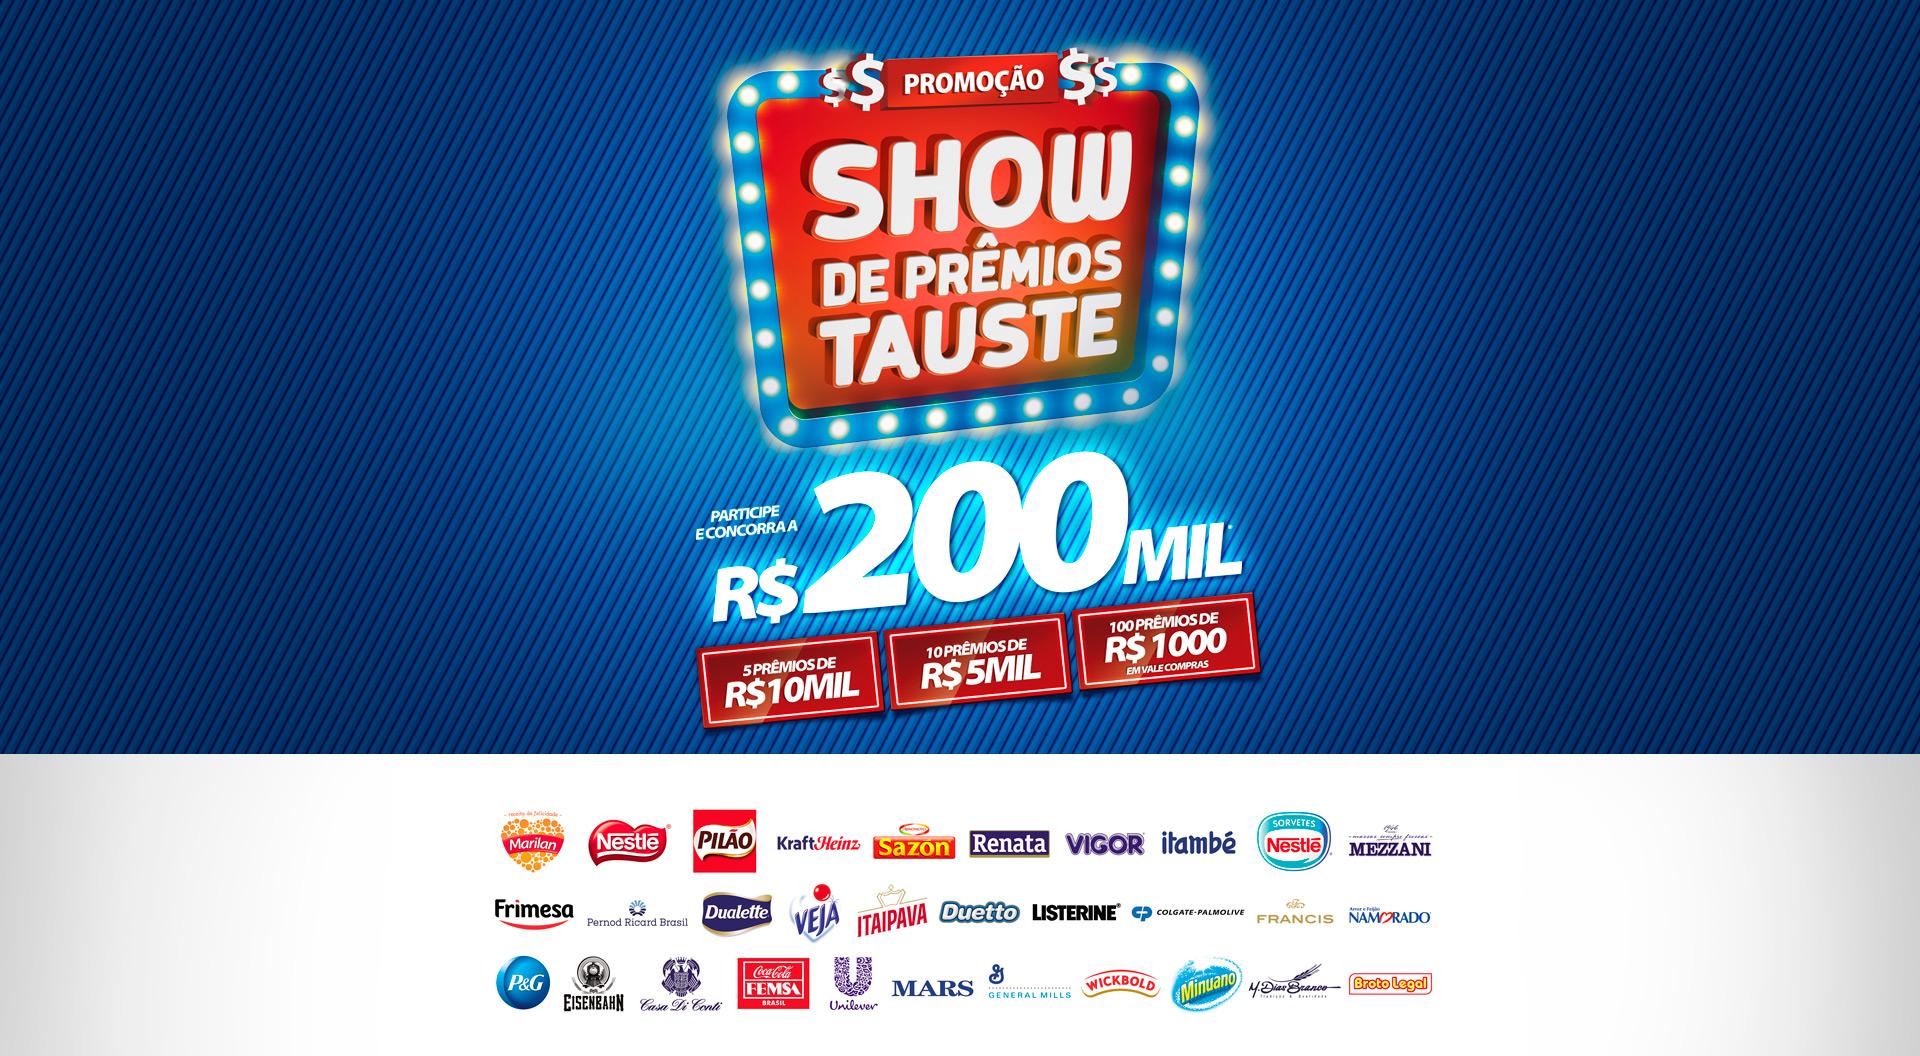 Ganhadores da Promoção Show de Prêmios Tauste  2017 - ENCERRADA